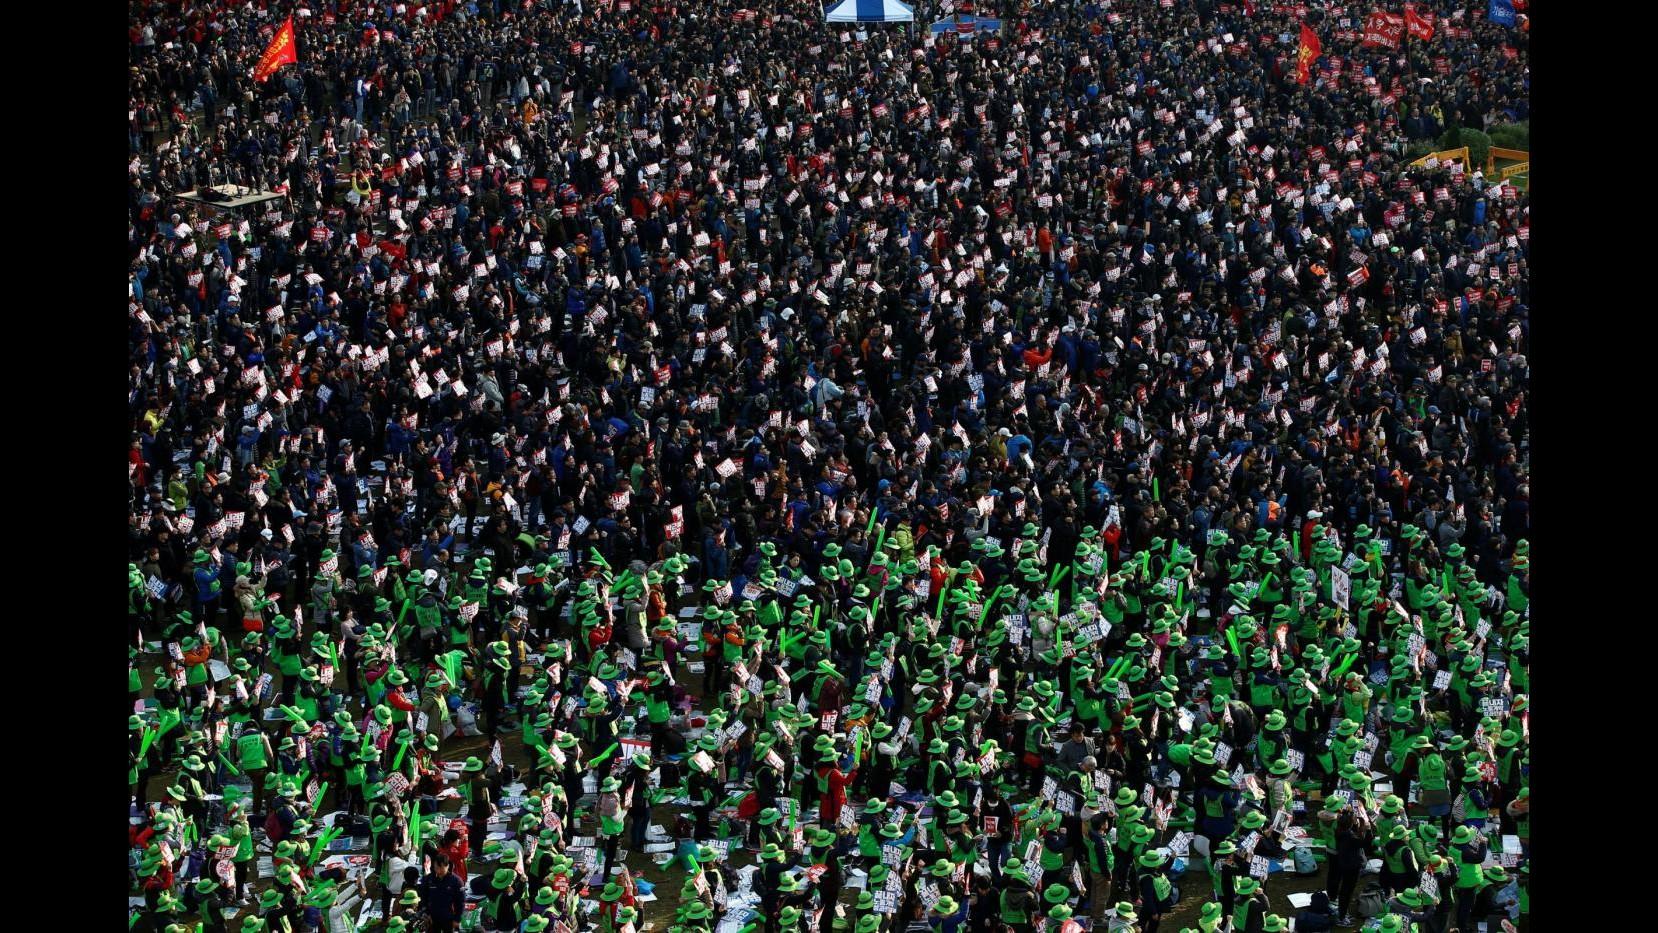 Seoul, un milione in corteo per chiedere dimissioni della presidente